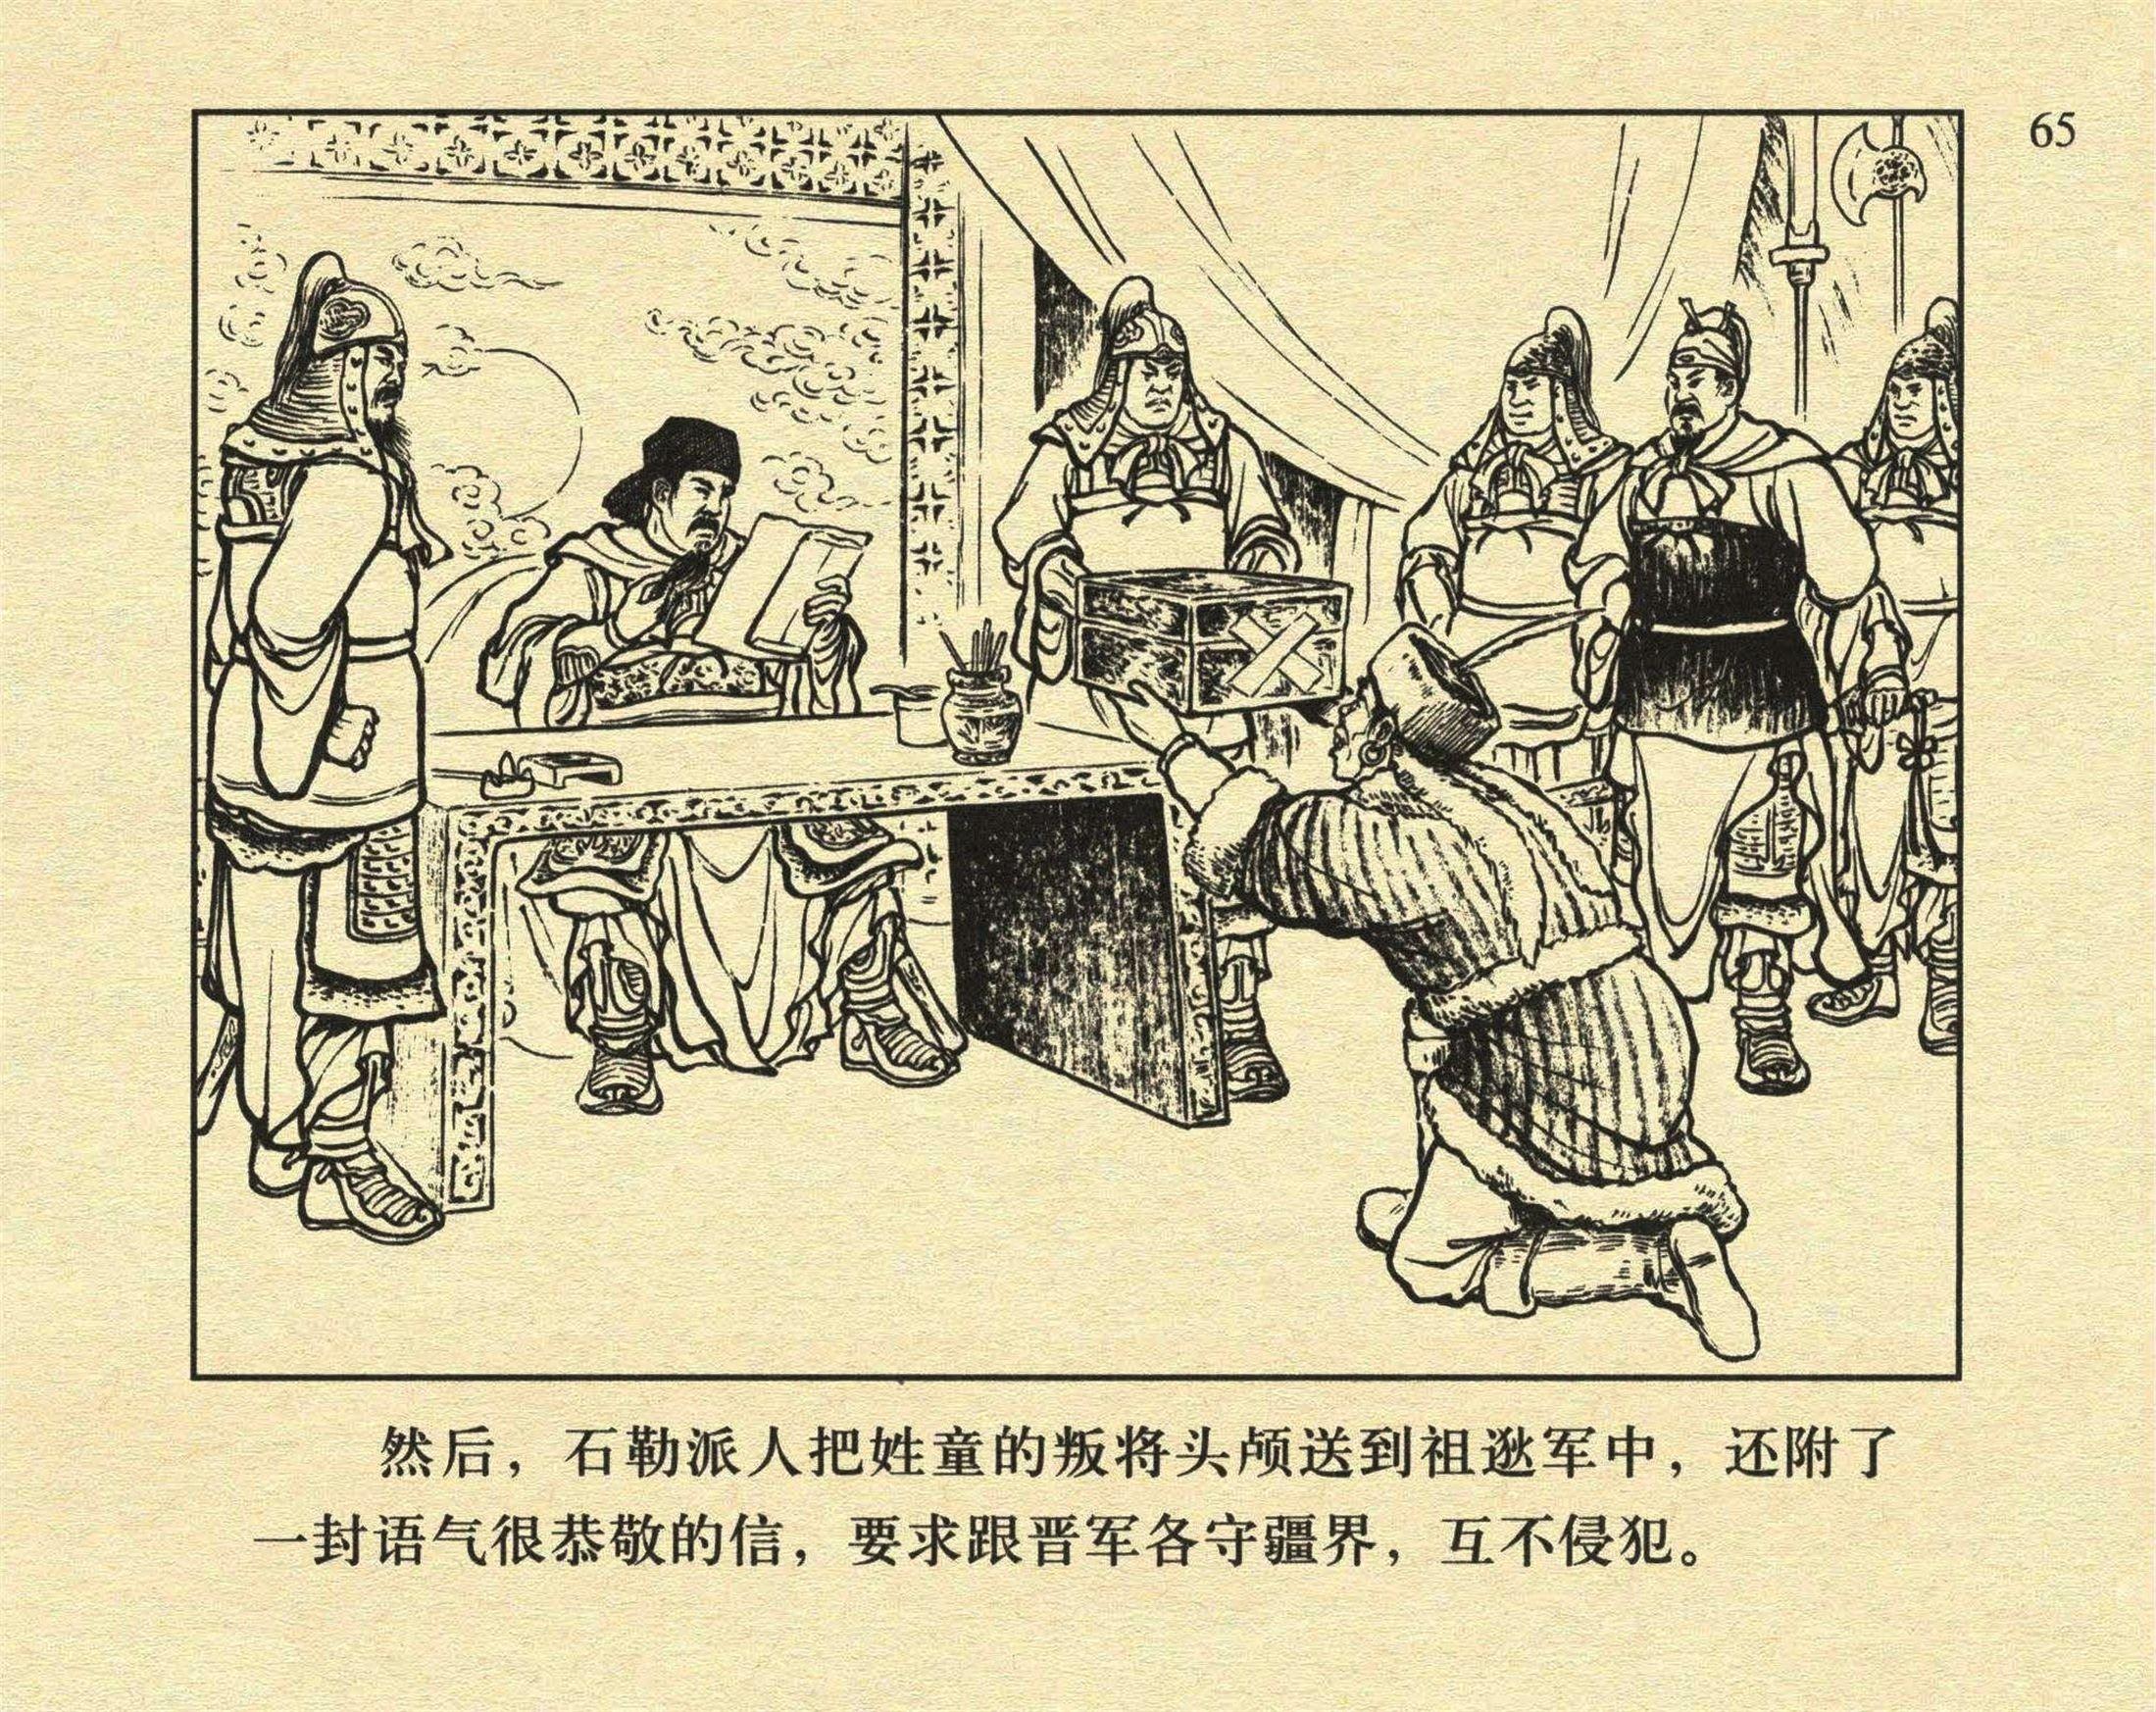 名家精品连环画之《祖逖》(赵三岛、严绍唐、朱元红绘)